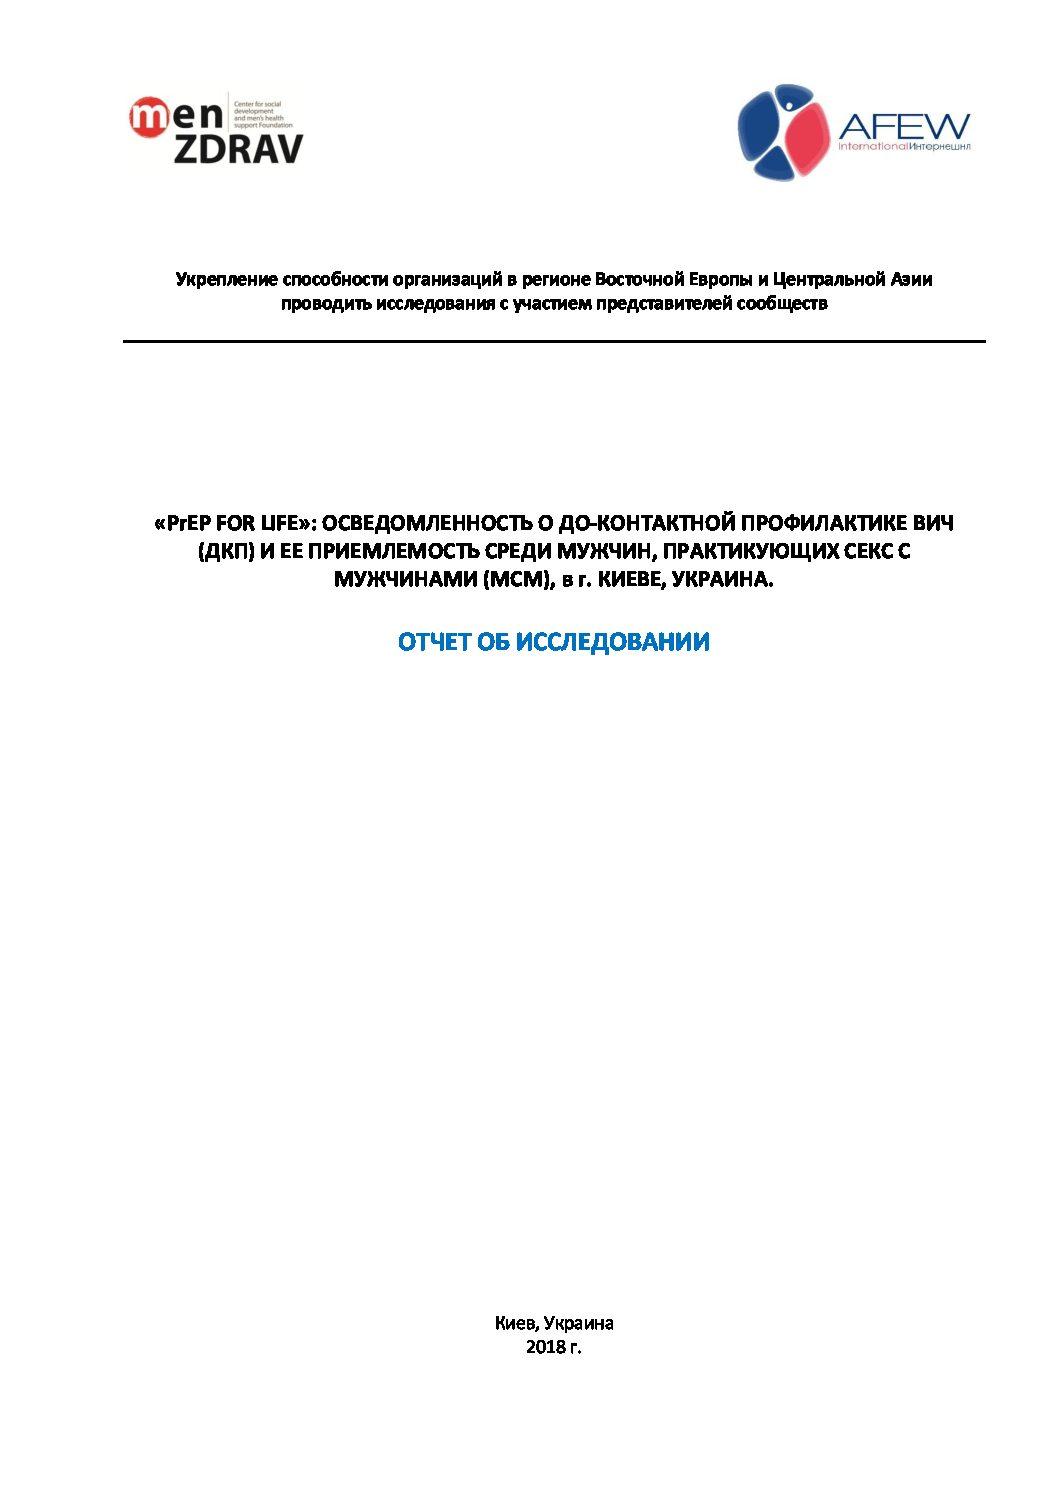 «PrEP FOR LIFE»: Осведомленность о доконтактной профилактике ВИЧ и ее приемлемость среди МСМ в Киеве. ОТЧЕТ ОБ ИССЛЕДОВАНИИ